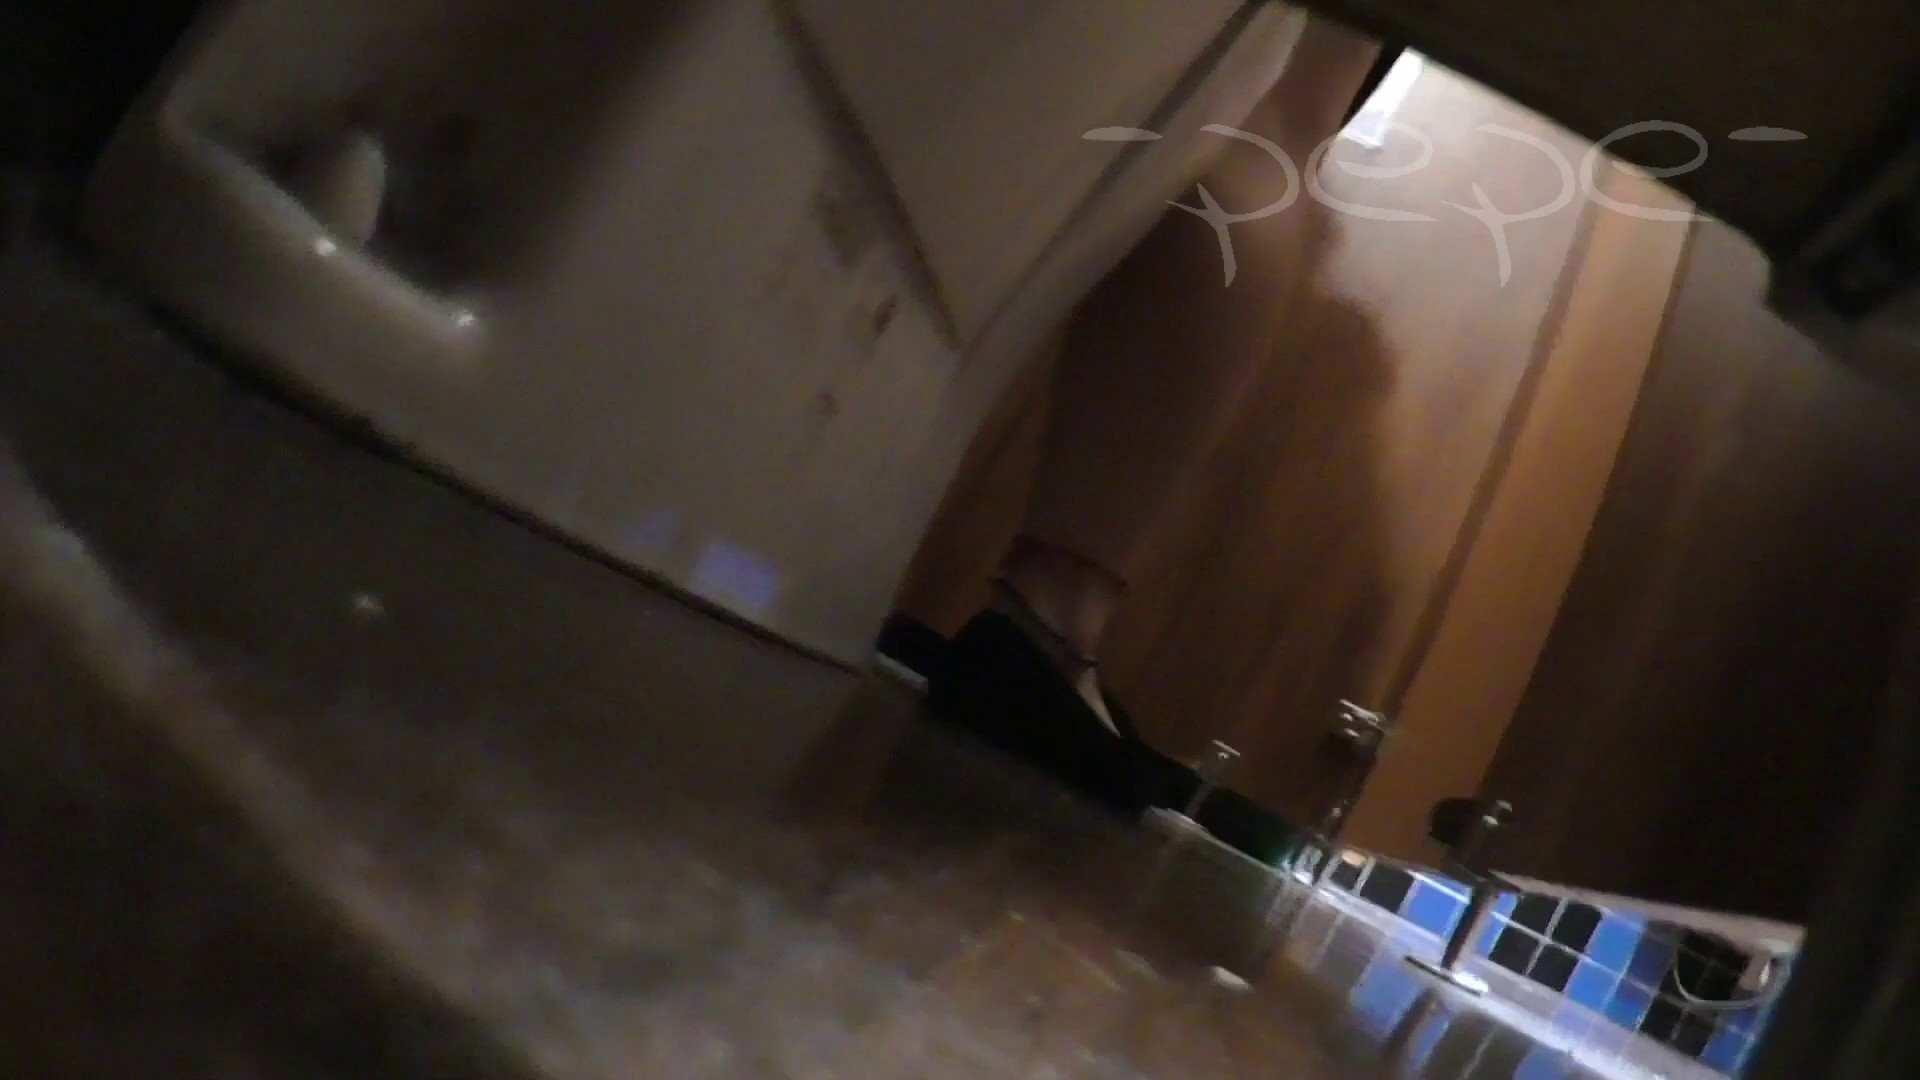 至高洗面所盗撮 29 至高店内撮り 見せますpepeの技!! 盗撮・必見 AV無料 100画像 76